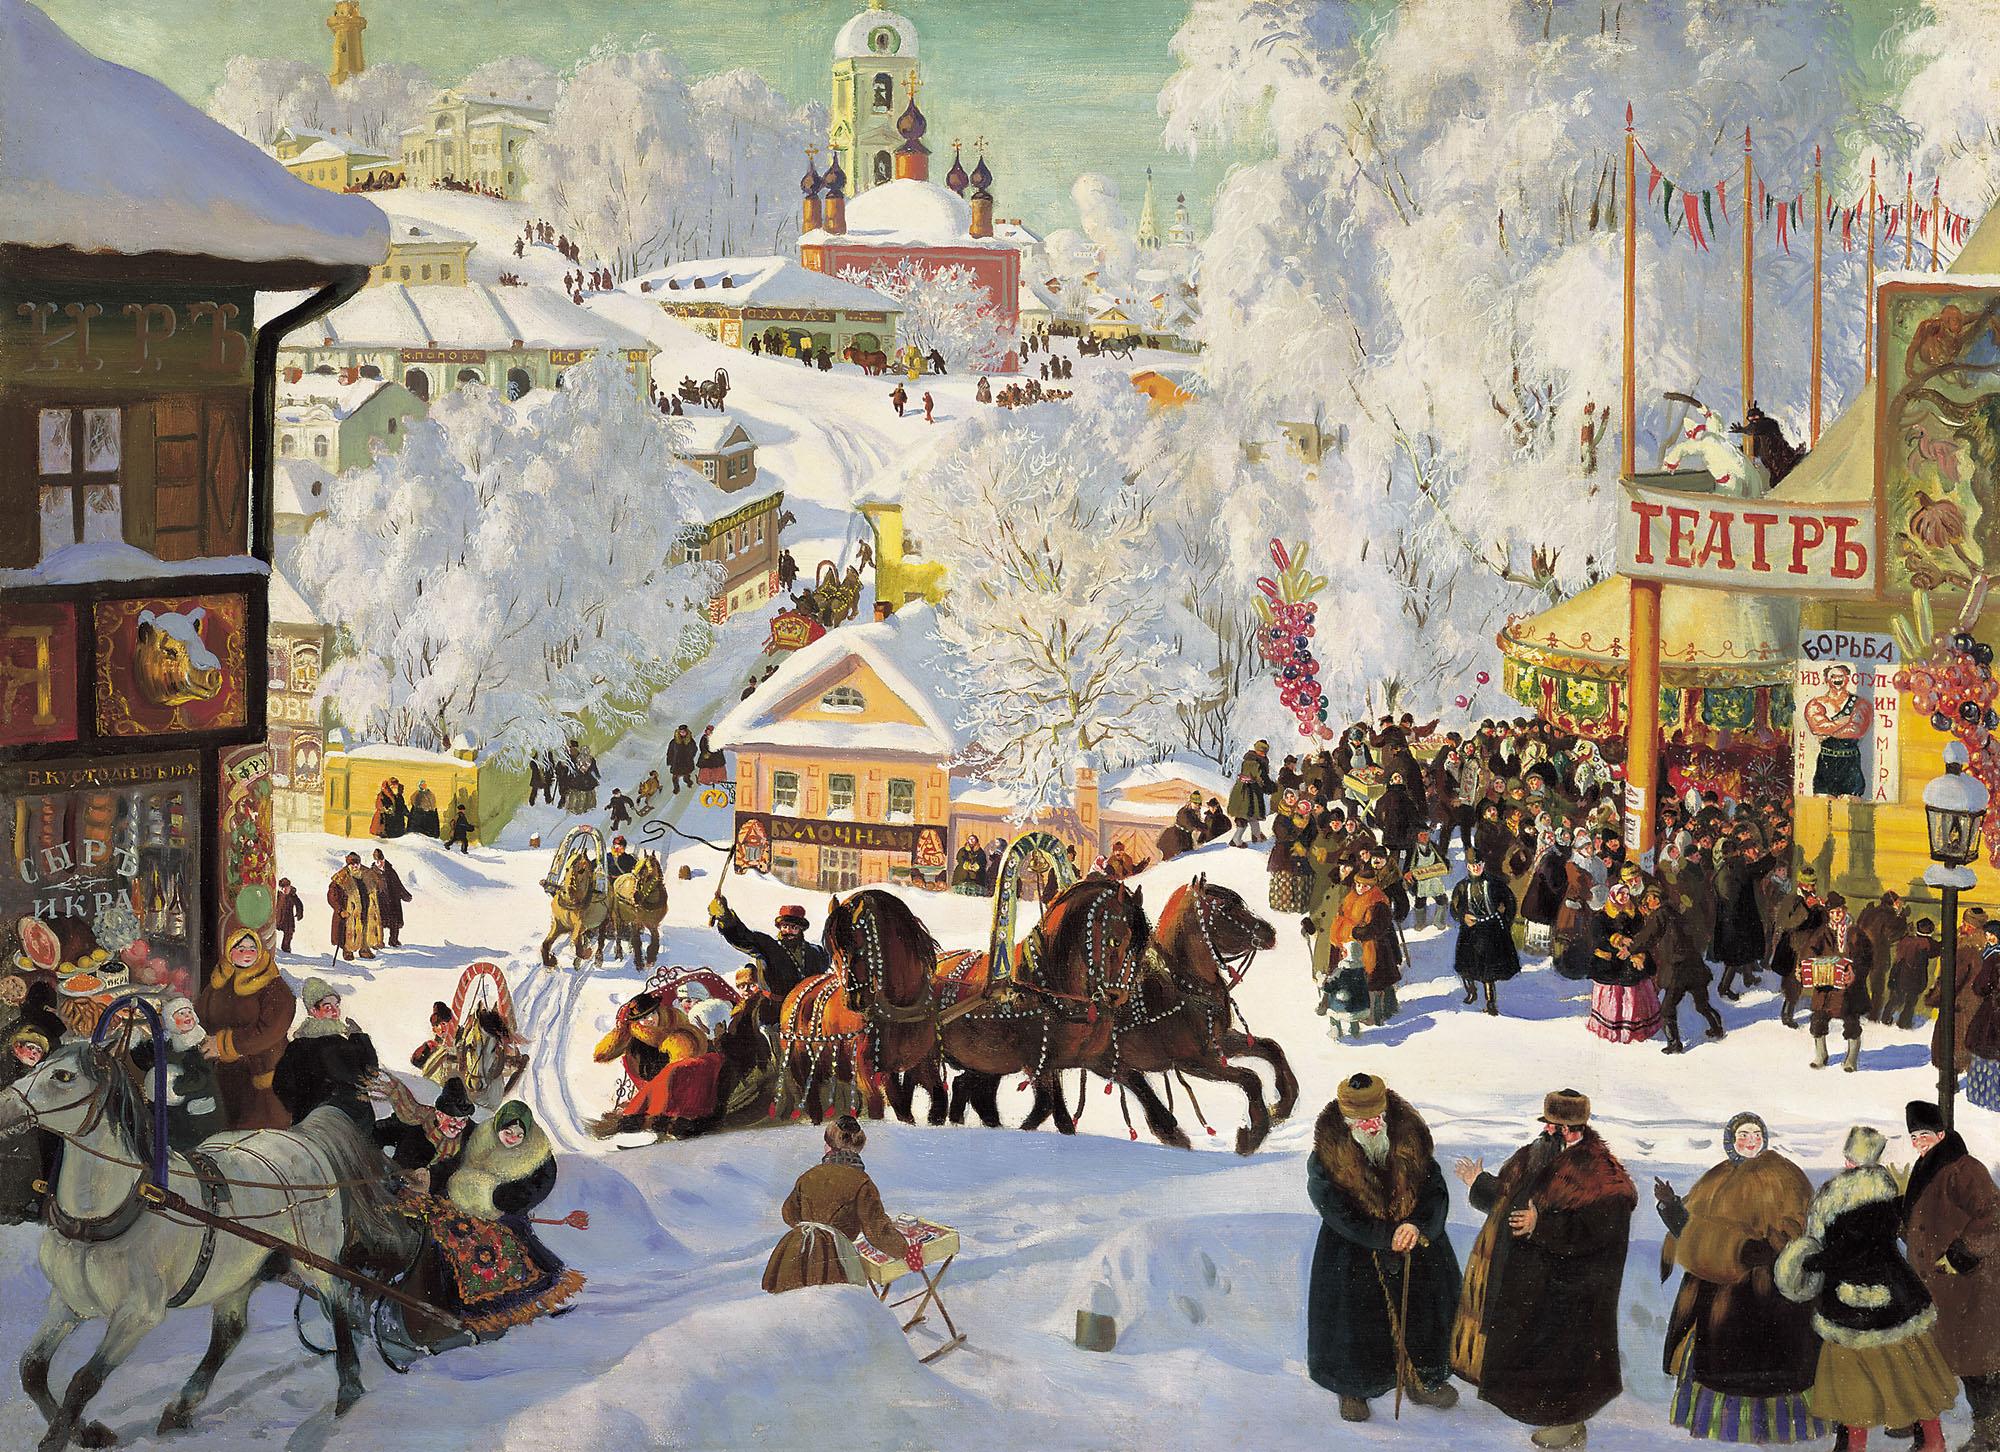 Расписание на январь + конкурс + новогодняя живопись